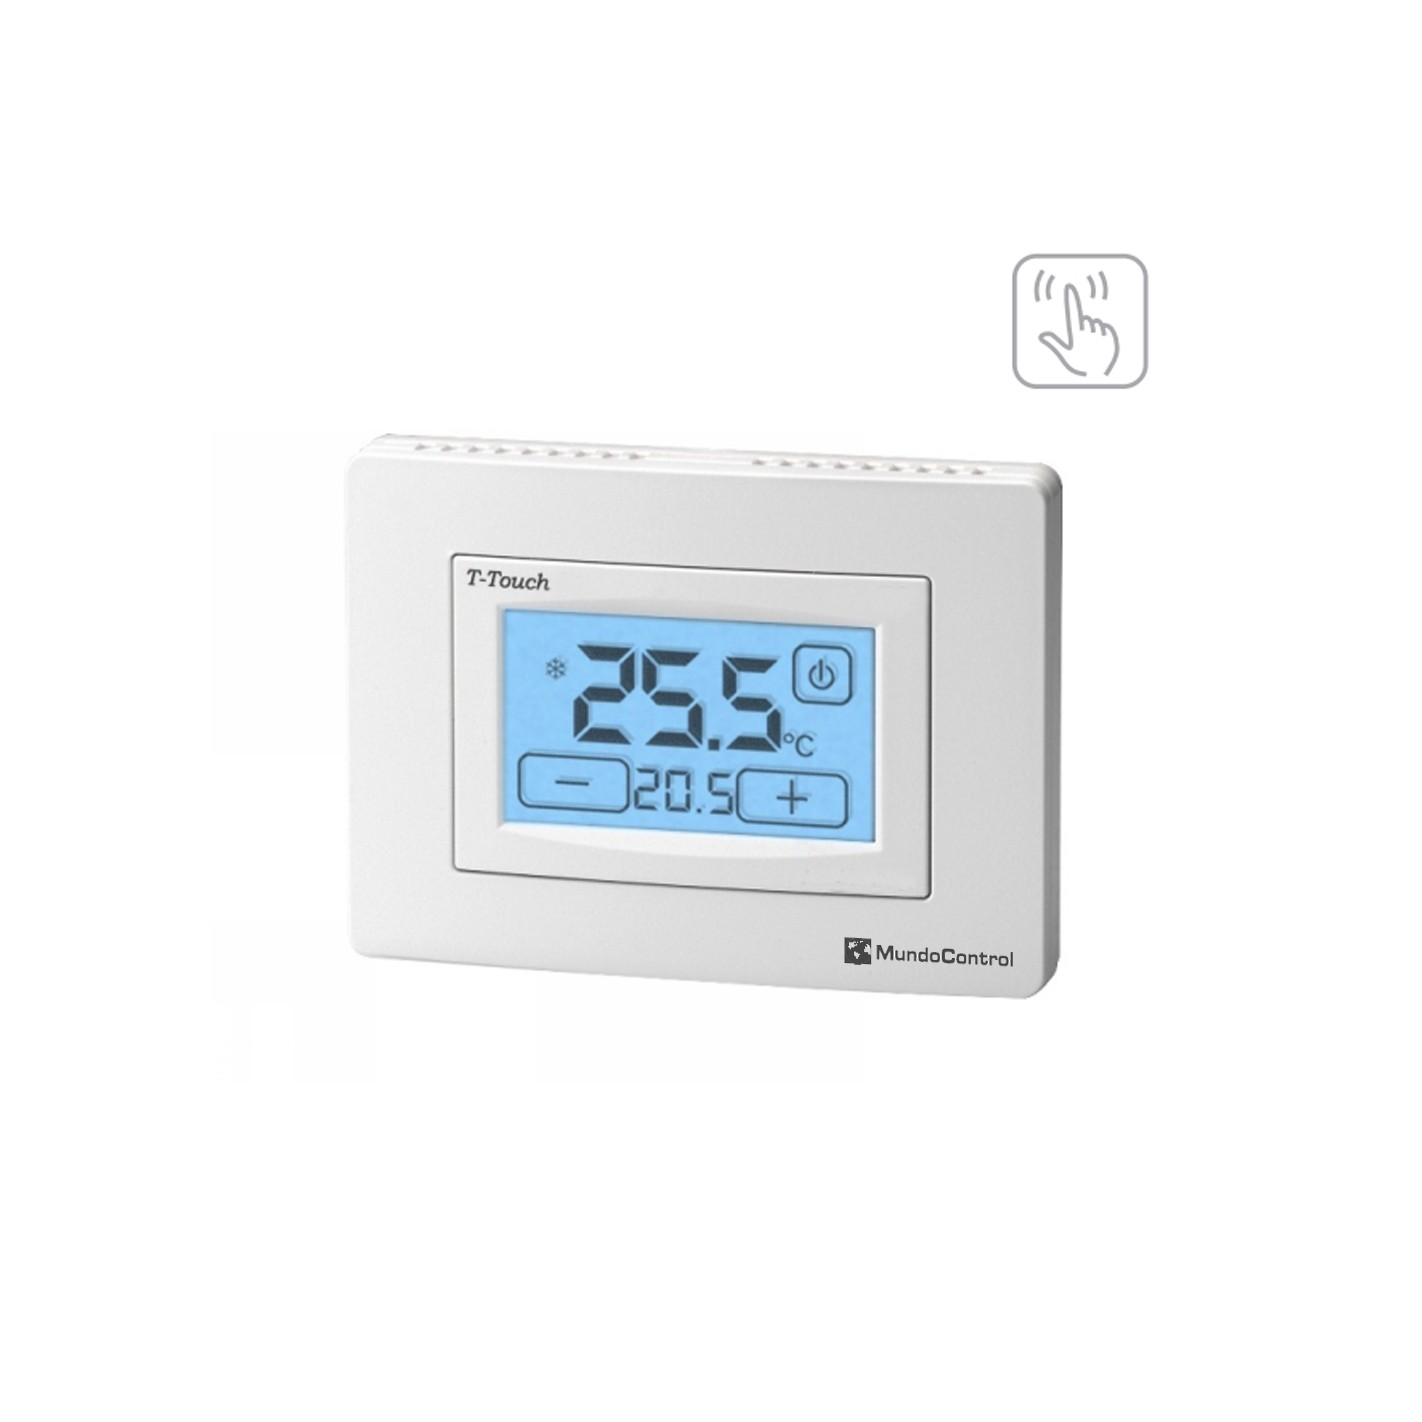 Termostato ambiente pantalla t ctil t touch alg sistemas - Termostato de ambiente ...